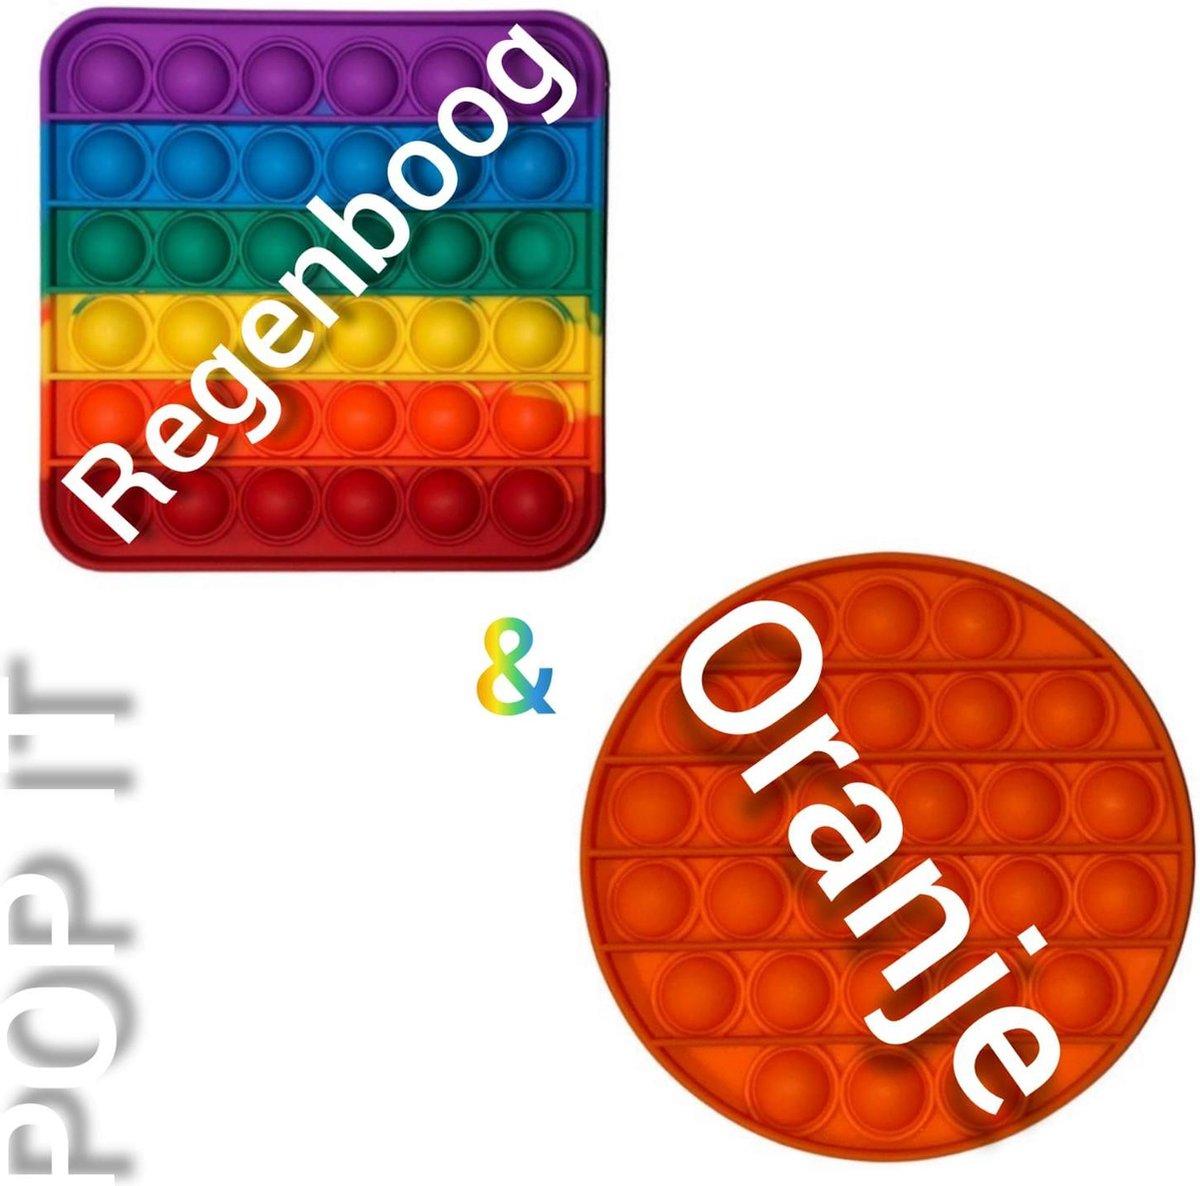 Fidget toys | Pop IT | Fidget toys pakket set van 2 stuks | Regenboog vierkant + Rond oranje | Meisjes√ jongens√ volwassenen√ | Trend 2021 | Anti stress | Cadeautip _ Leuk voor zwembad